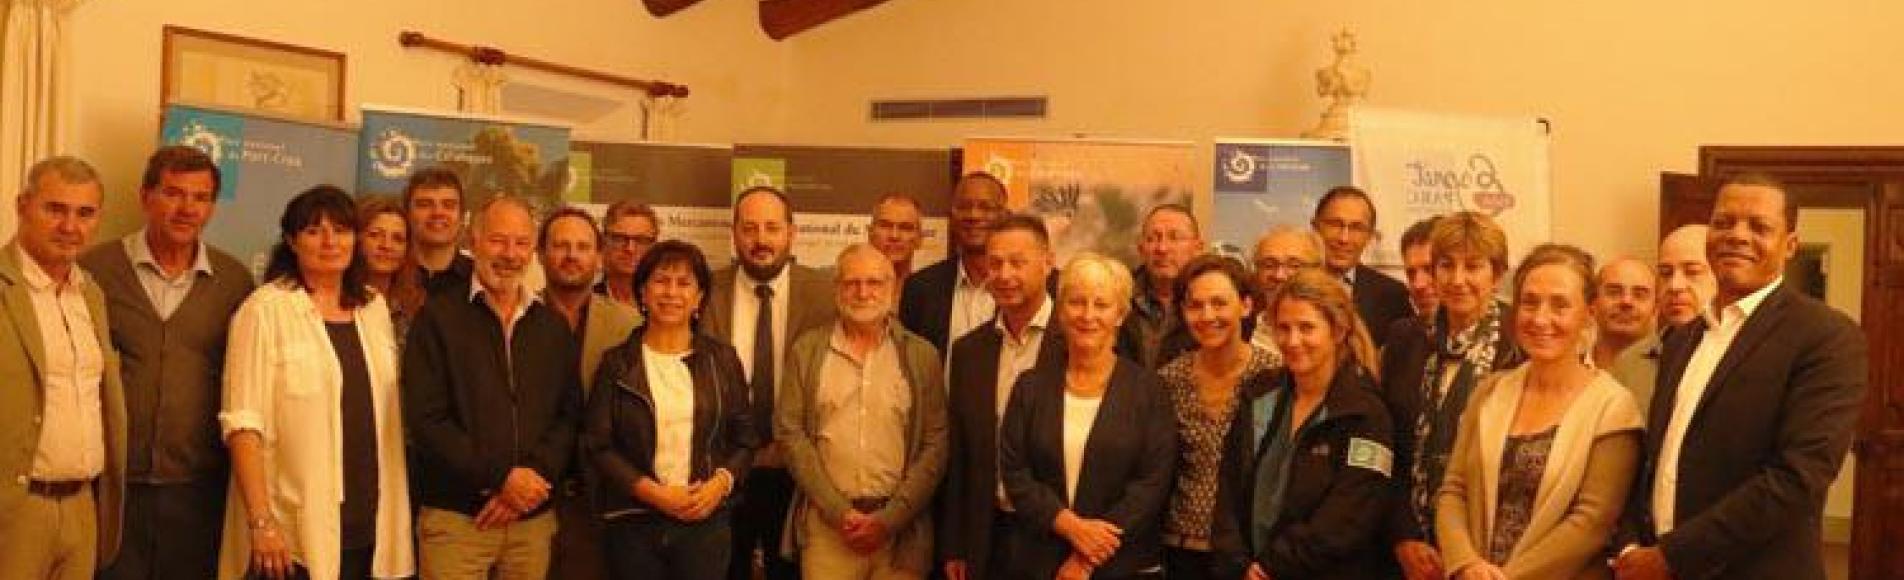 Séminaire présidents des parcs nationaux - octobre 2018 - photo PN des Calanques